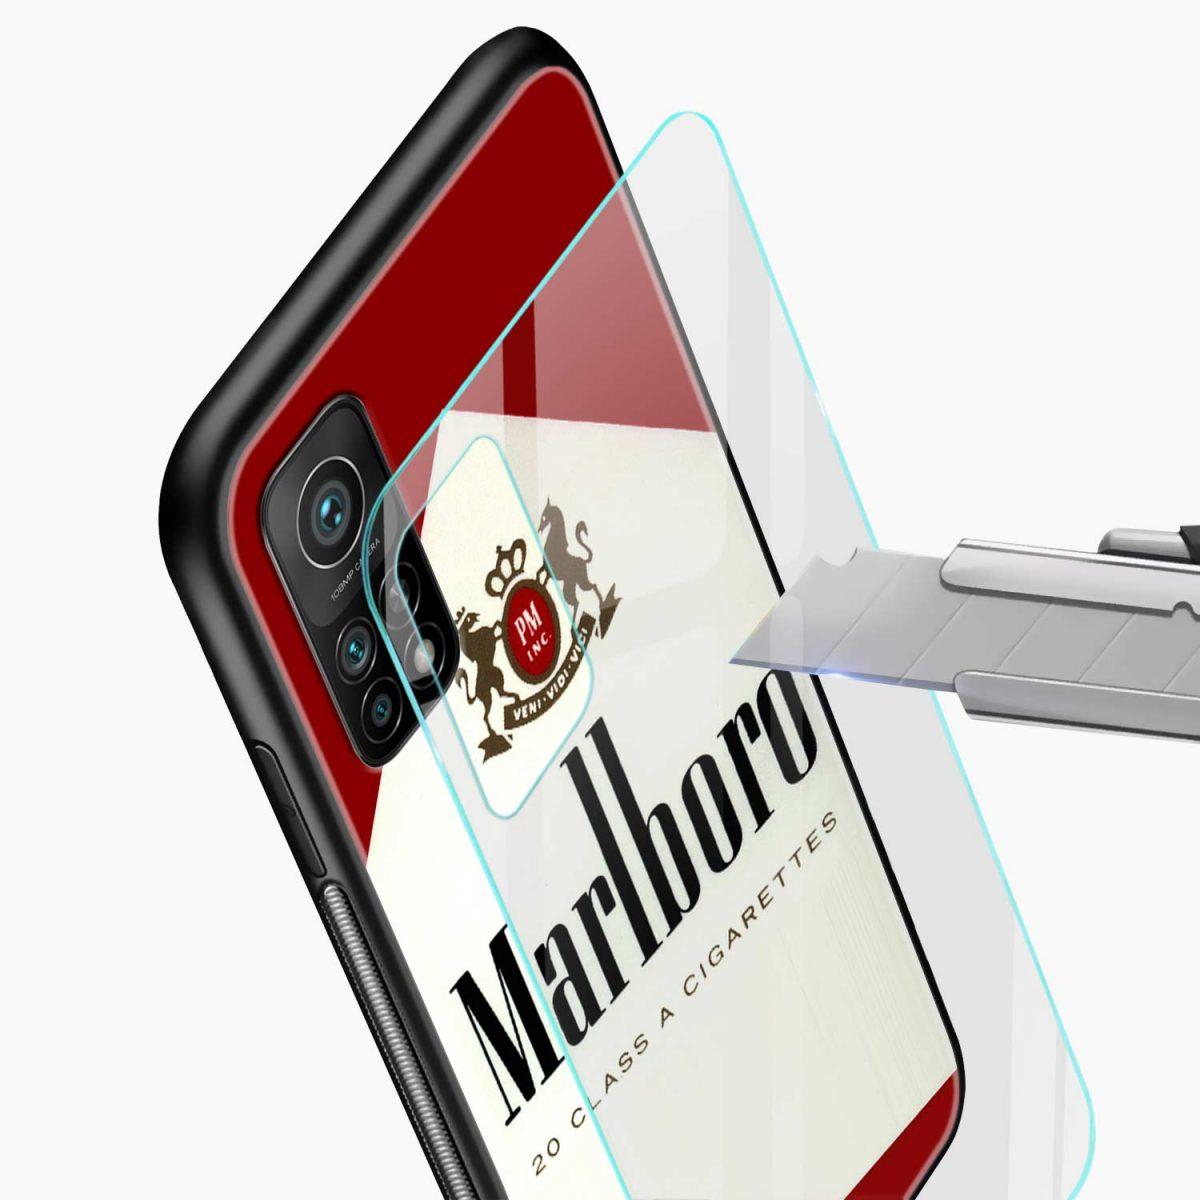 marlboro cigarette box xiaomi mi 10t pro back cover glass view